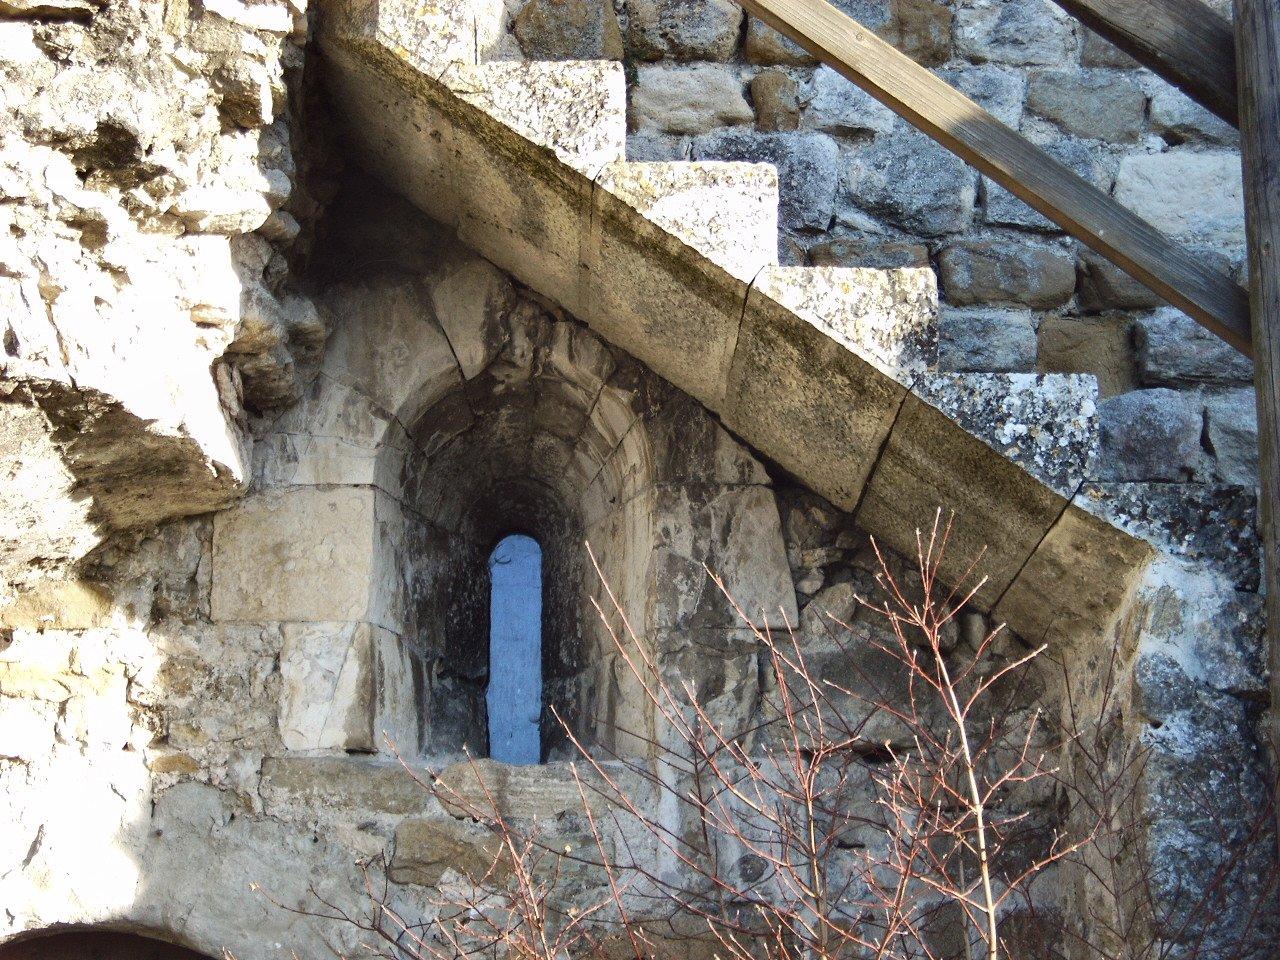 Fenêtre salle basse du donjon